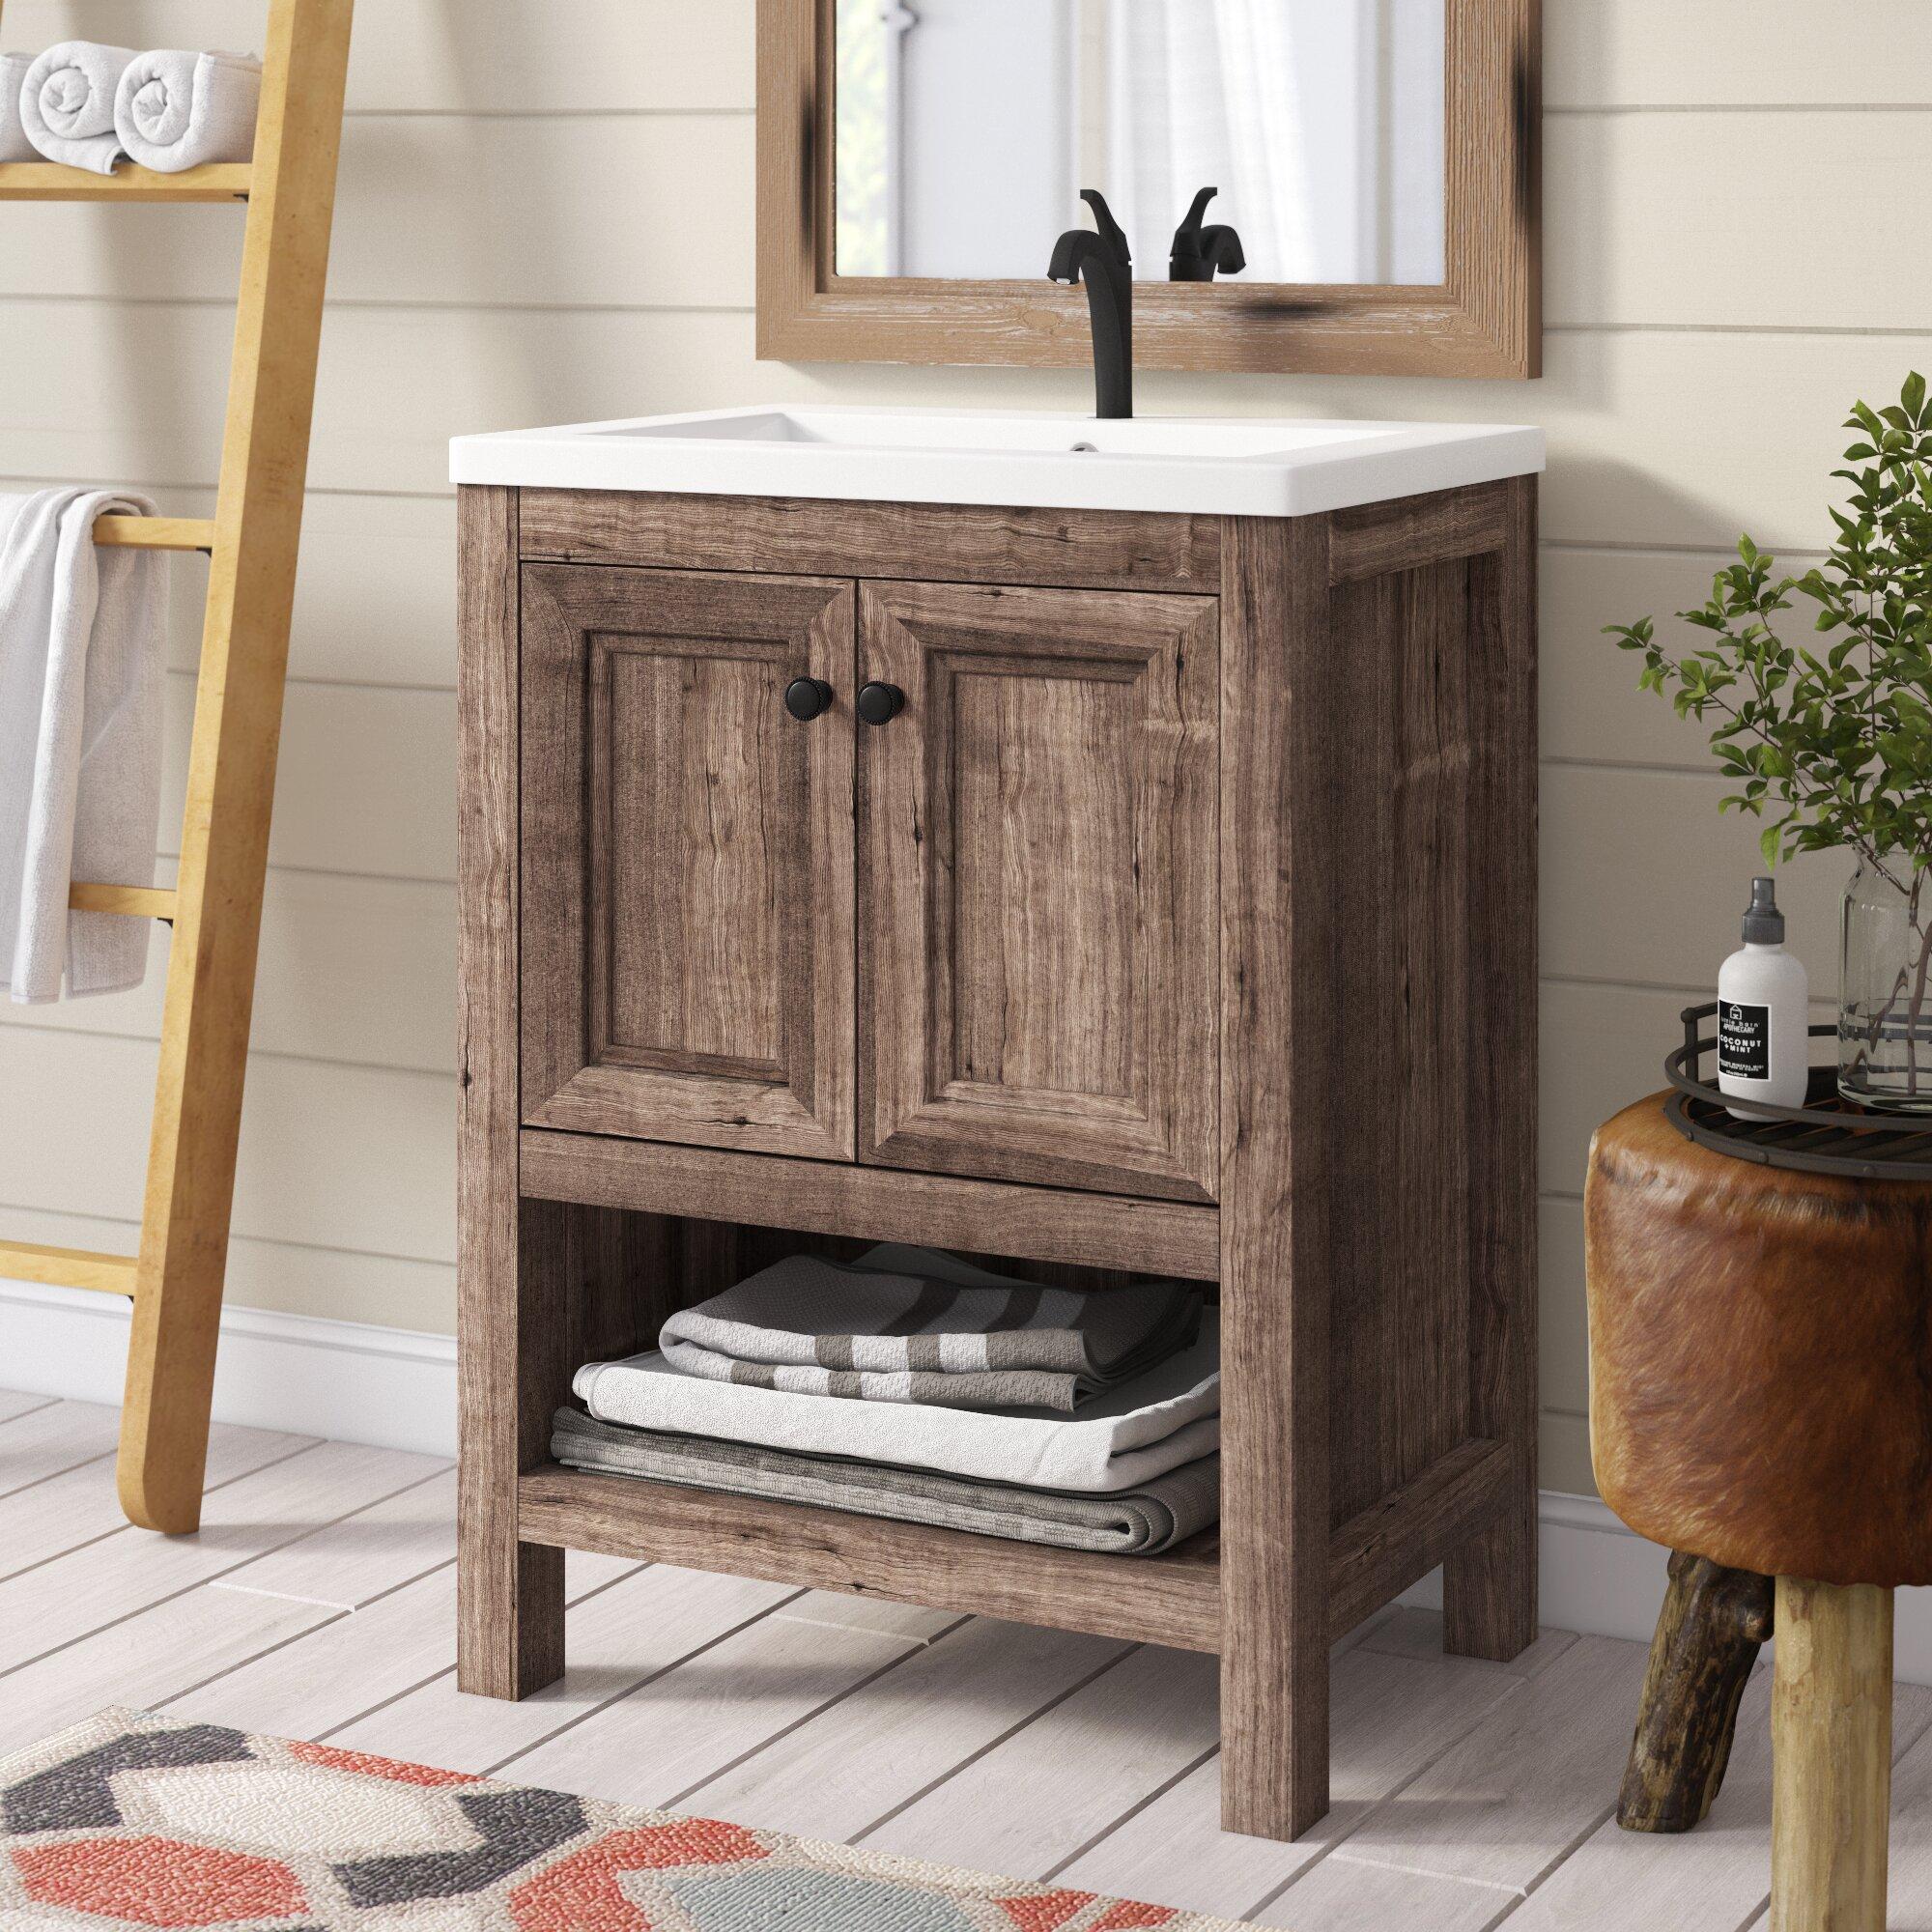 Union Rustic Nicholle 24 Single Bathroom Vanity Set Reviews Wayfair